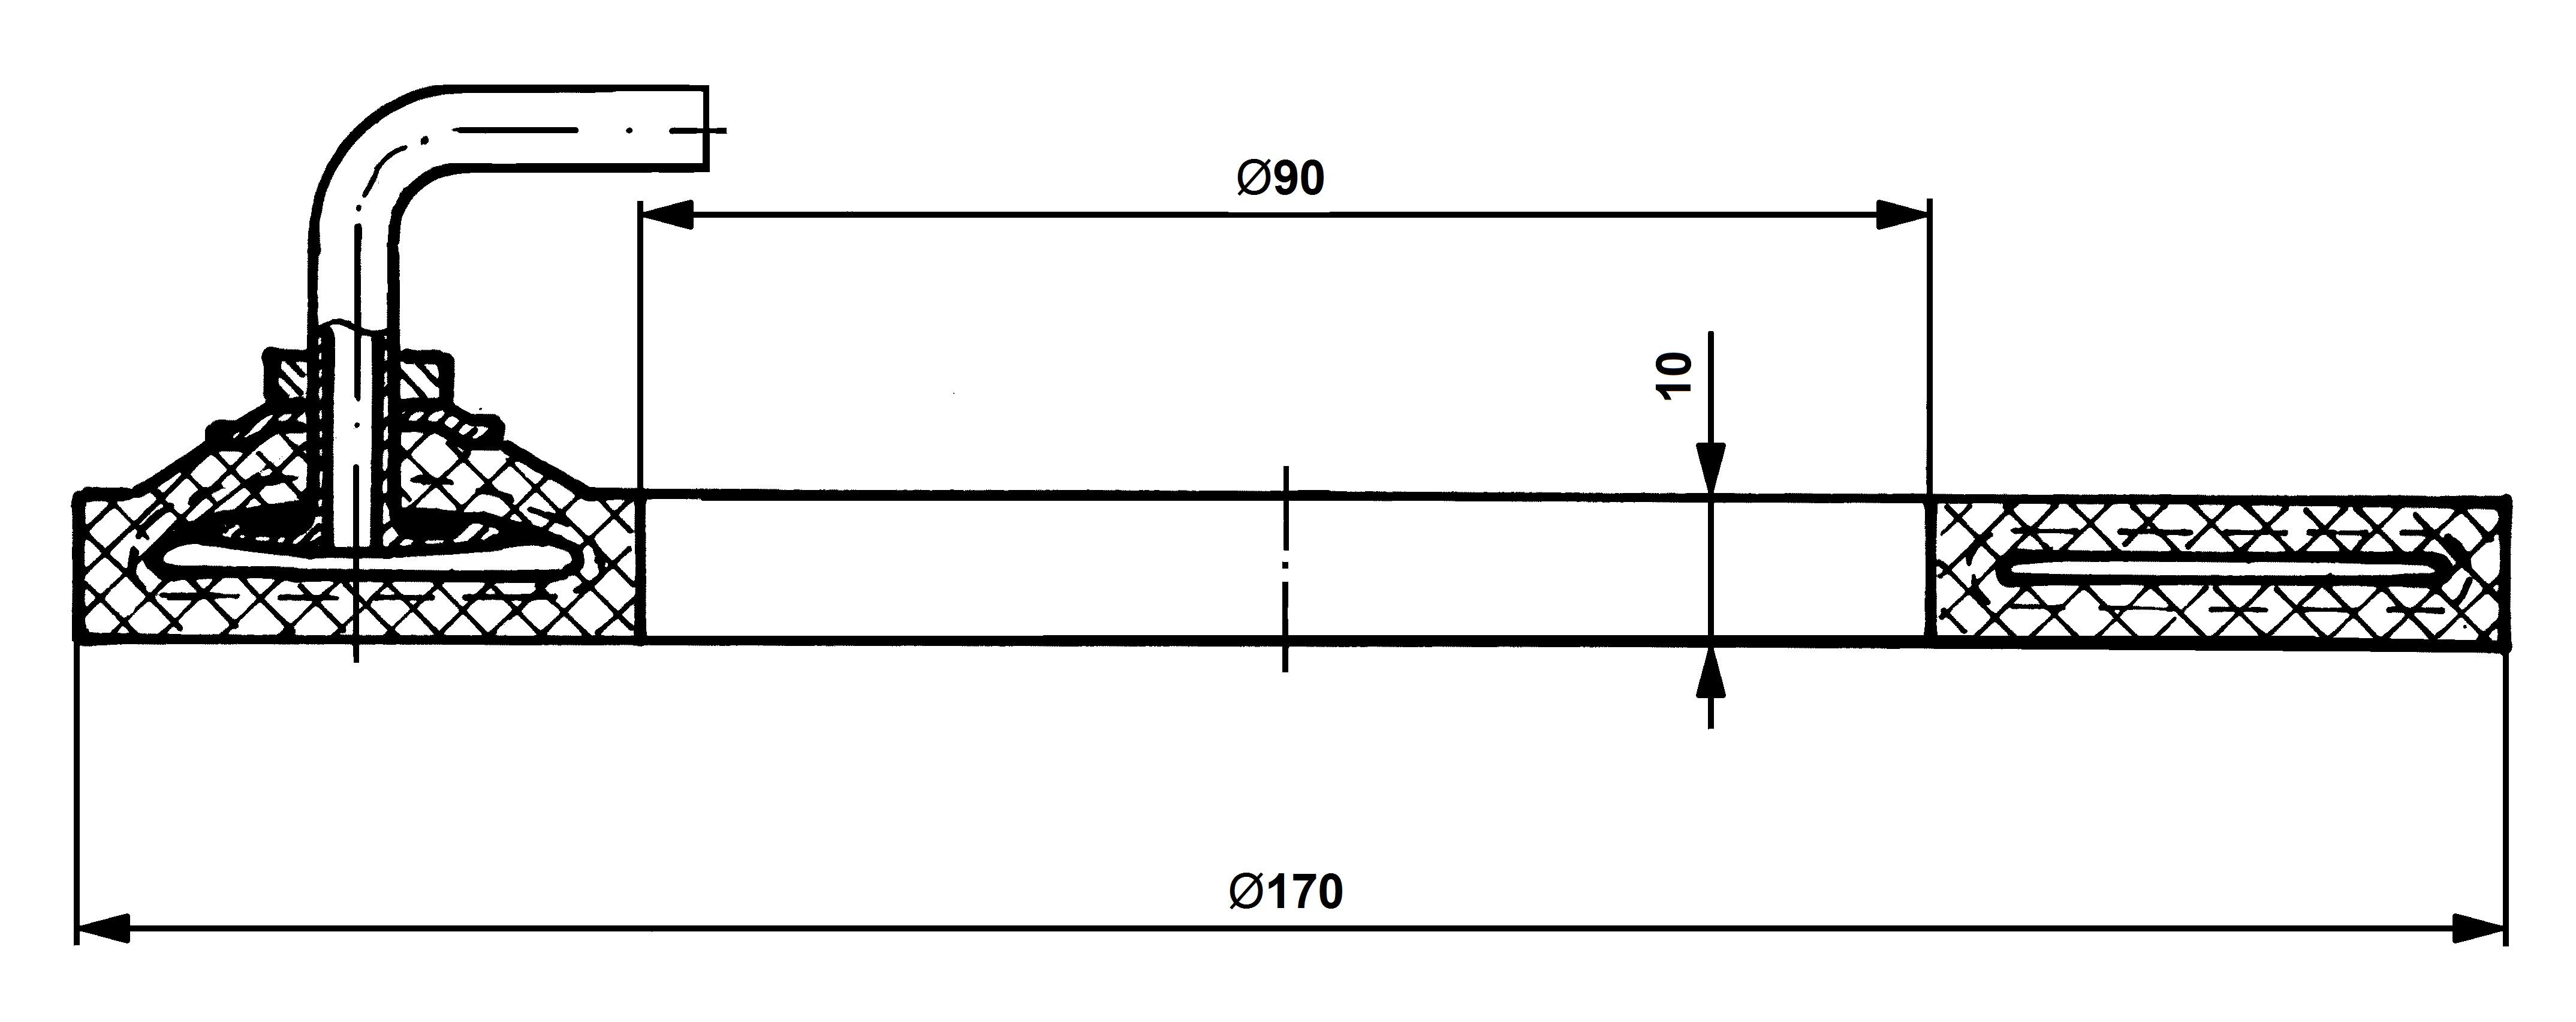 Flat clutch tube 170-90x10